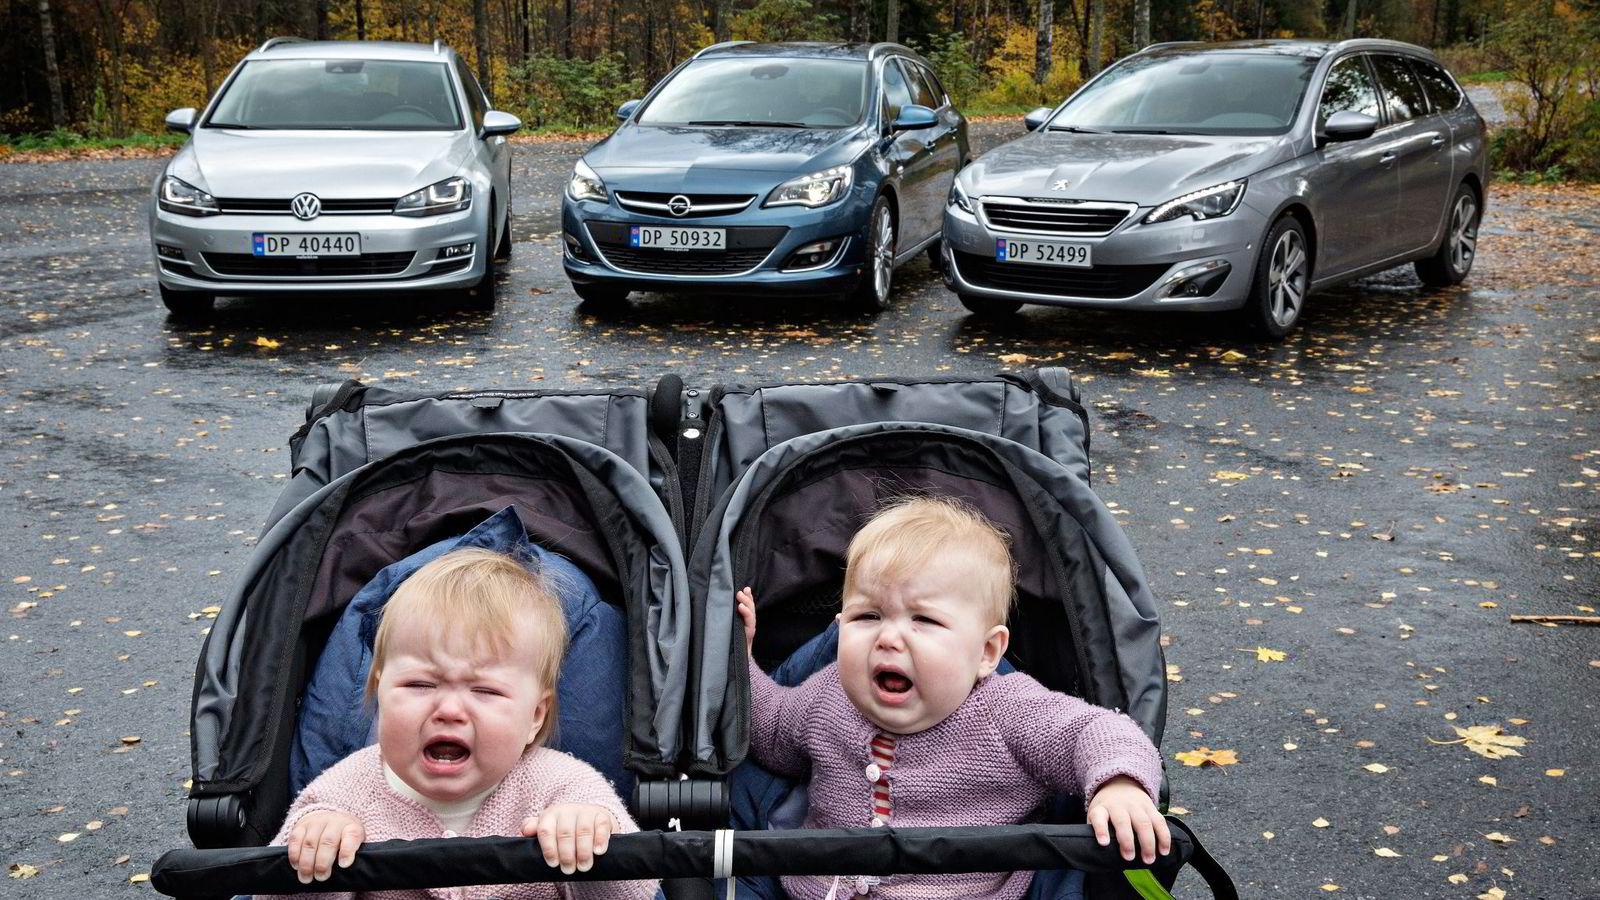 SÅNN PASSE FORNØYD. Ettåringene Liv og Anna er ikke store, men krever likevel sin plass i familiens bil. Bak dem står de tre konkurrentene: Volkswagen Golf, Opel Astra og Peugeot 308. Foto: Aleksander Nordahl